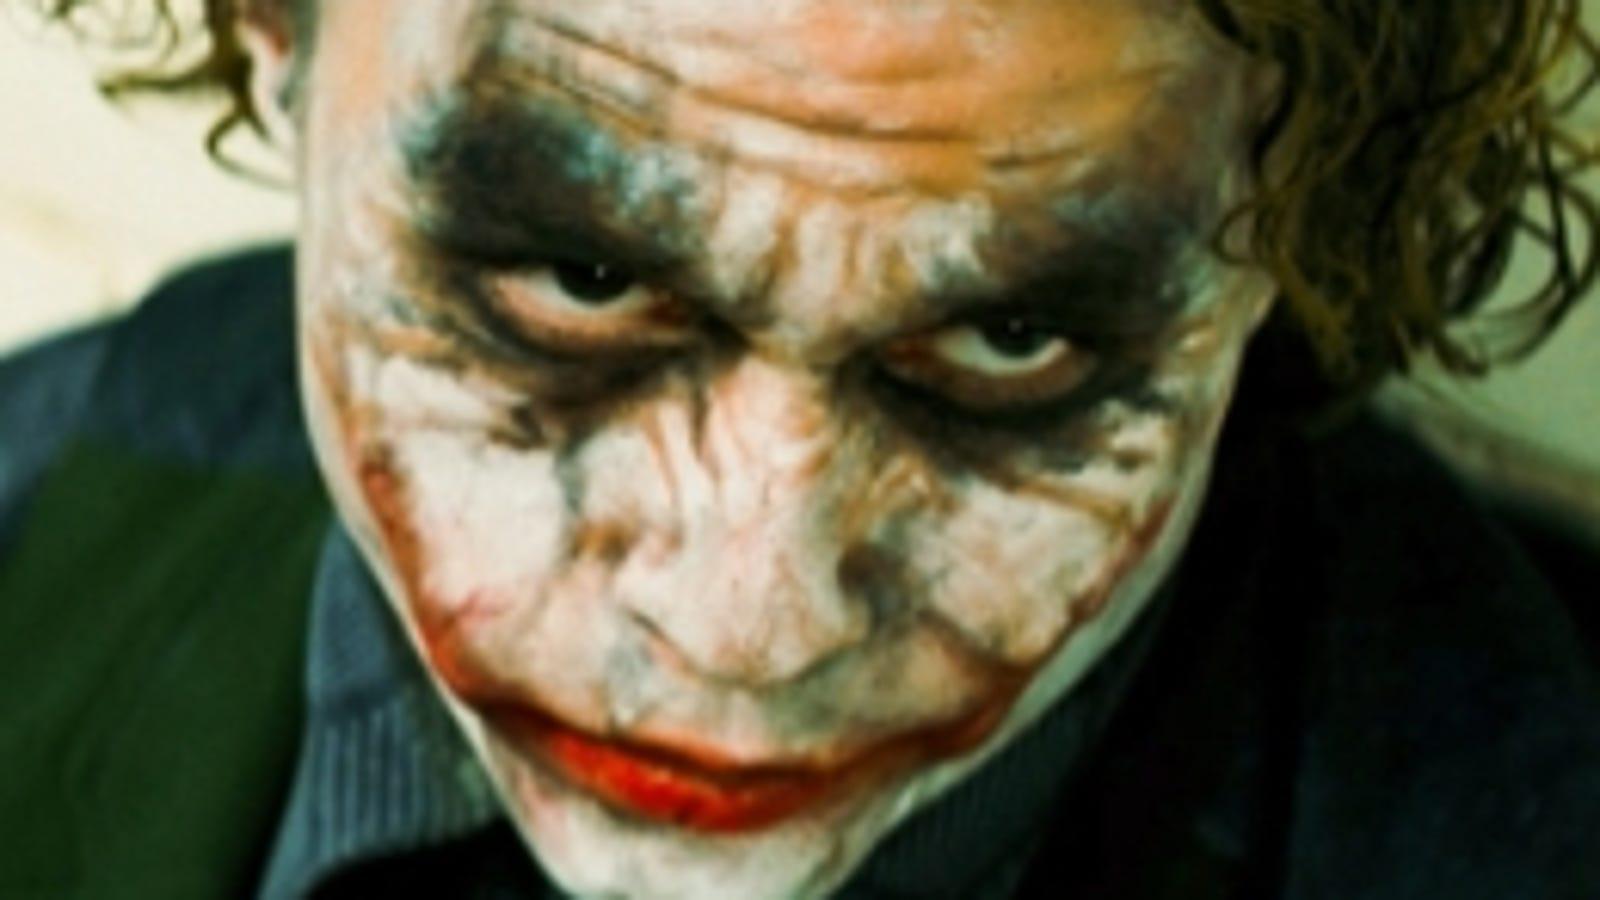 Dark Knight Inspires Copycat Crimes, Over-reactions